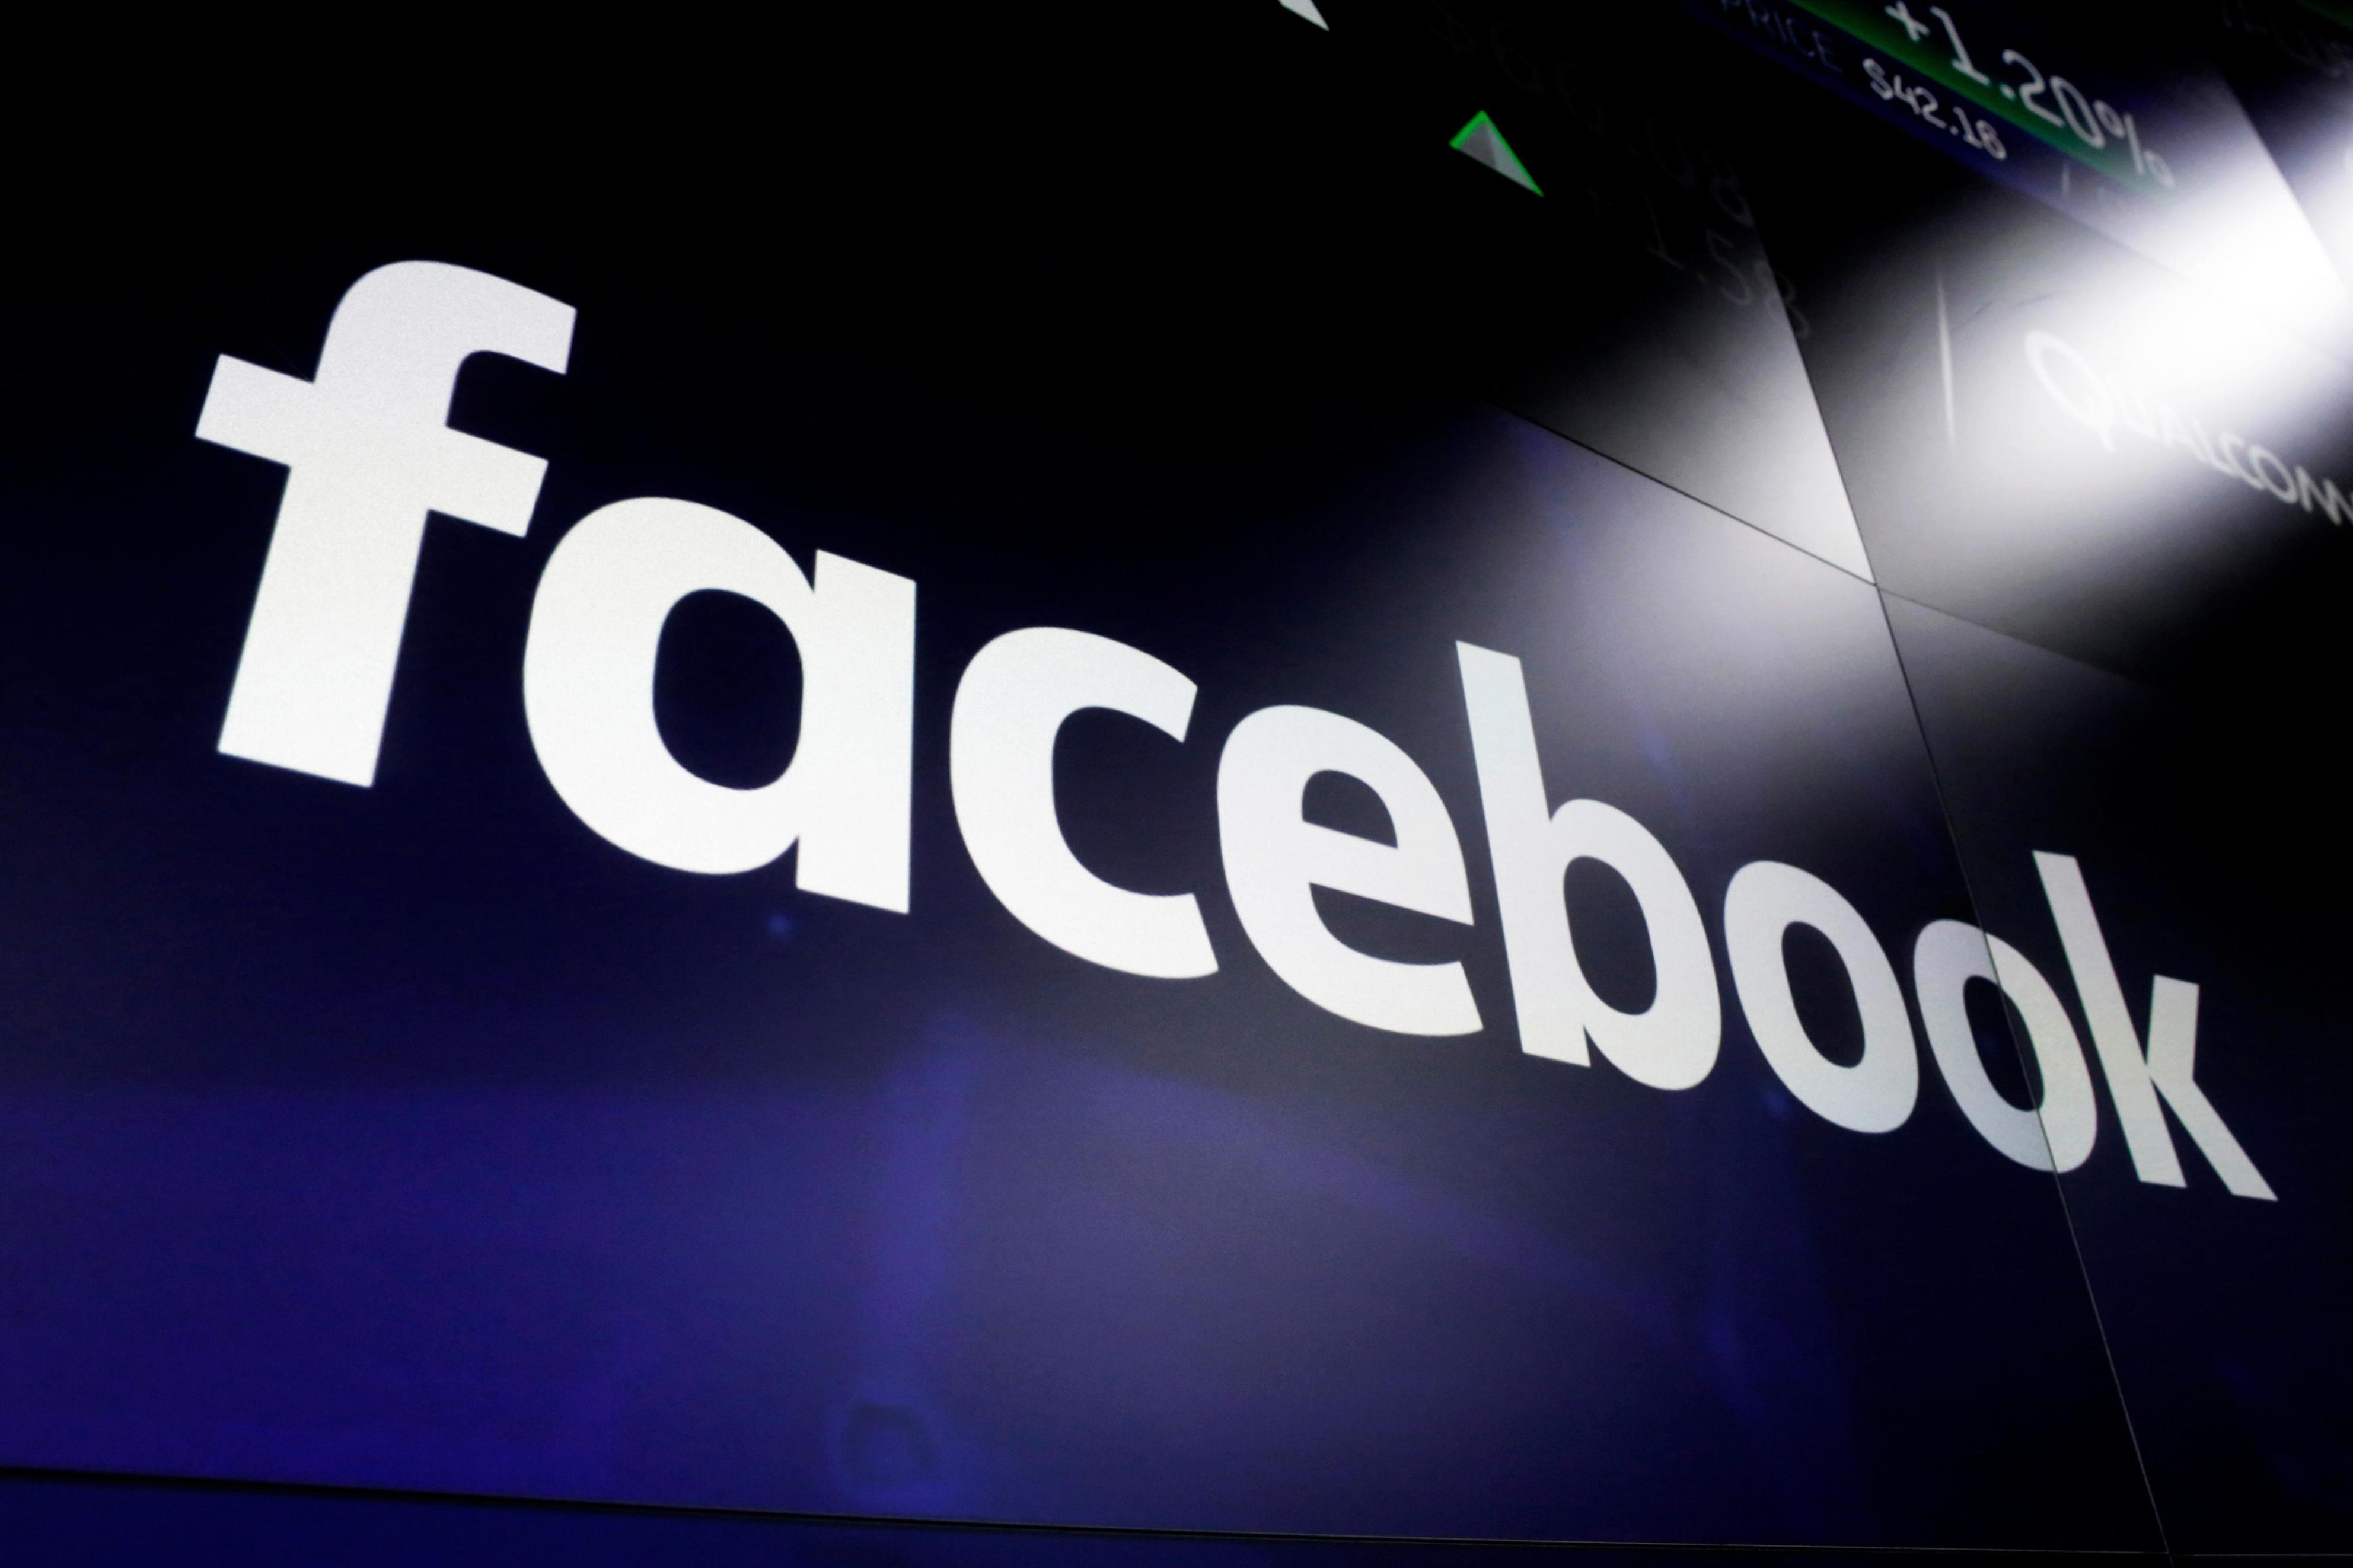 フェイスブック、分割に反論文書 買収したインスタとワッツアップ